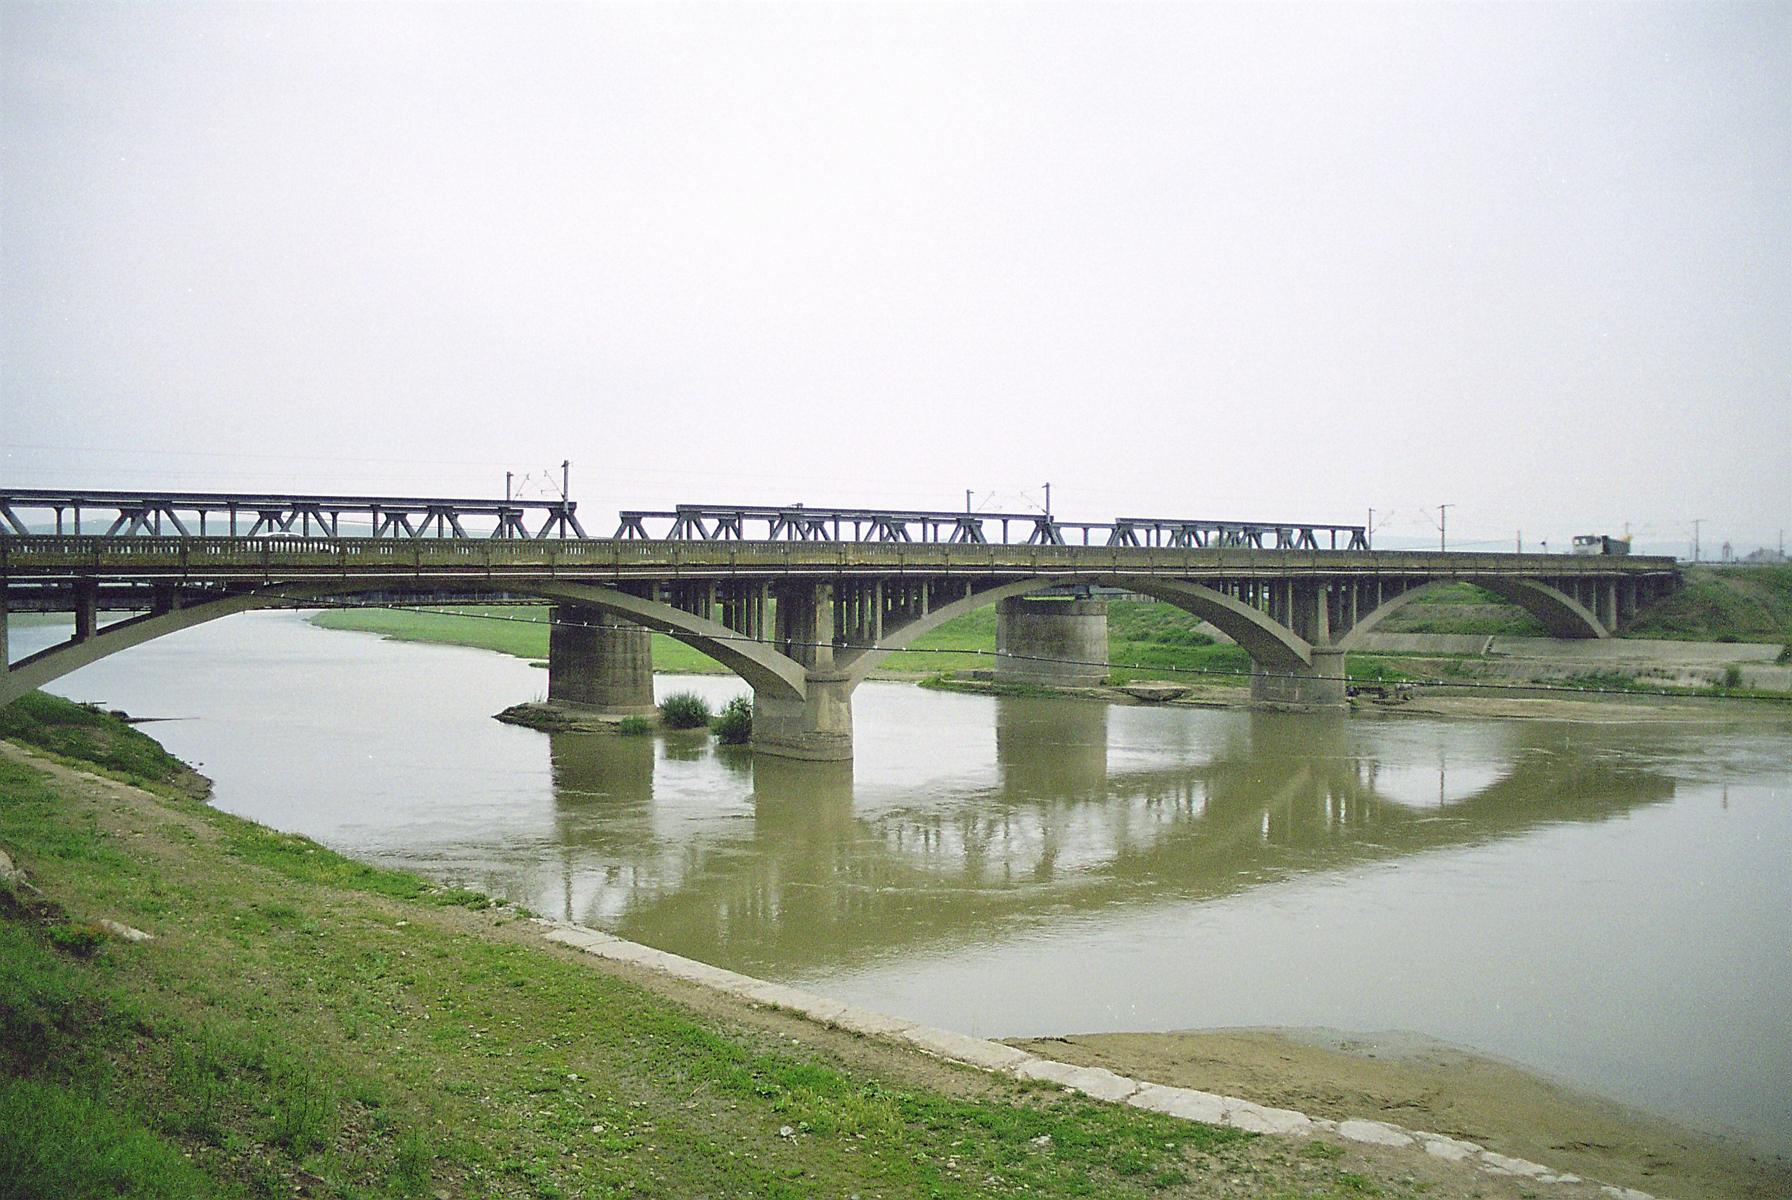 Reparatii pod peste raul Siret MAPEI - Poza 2